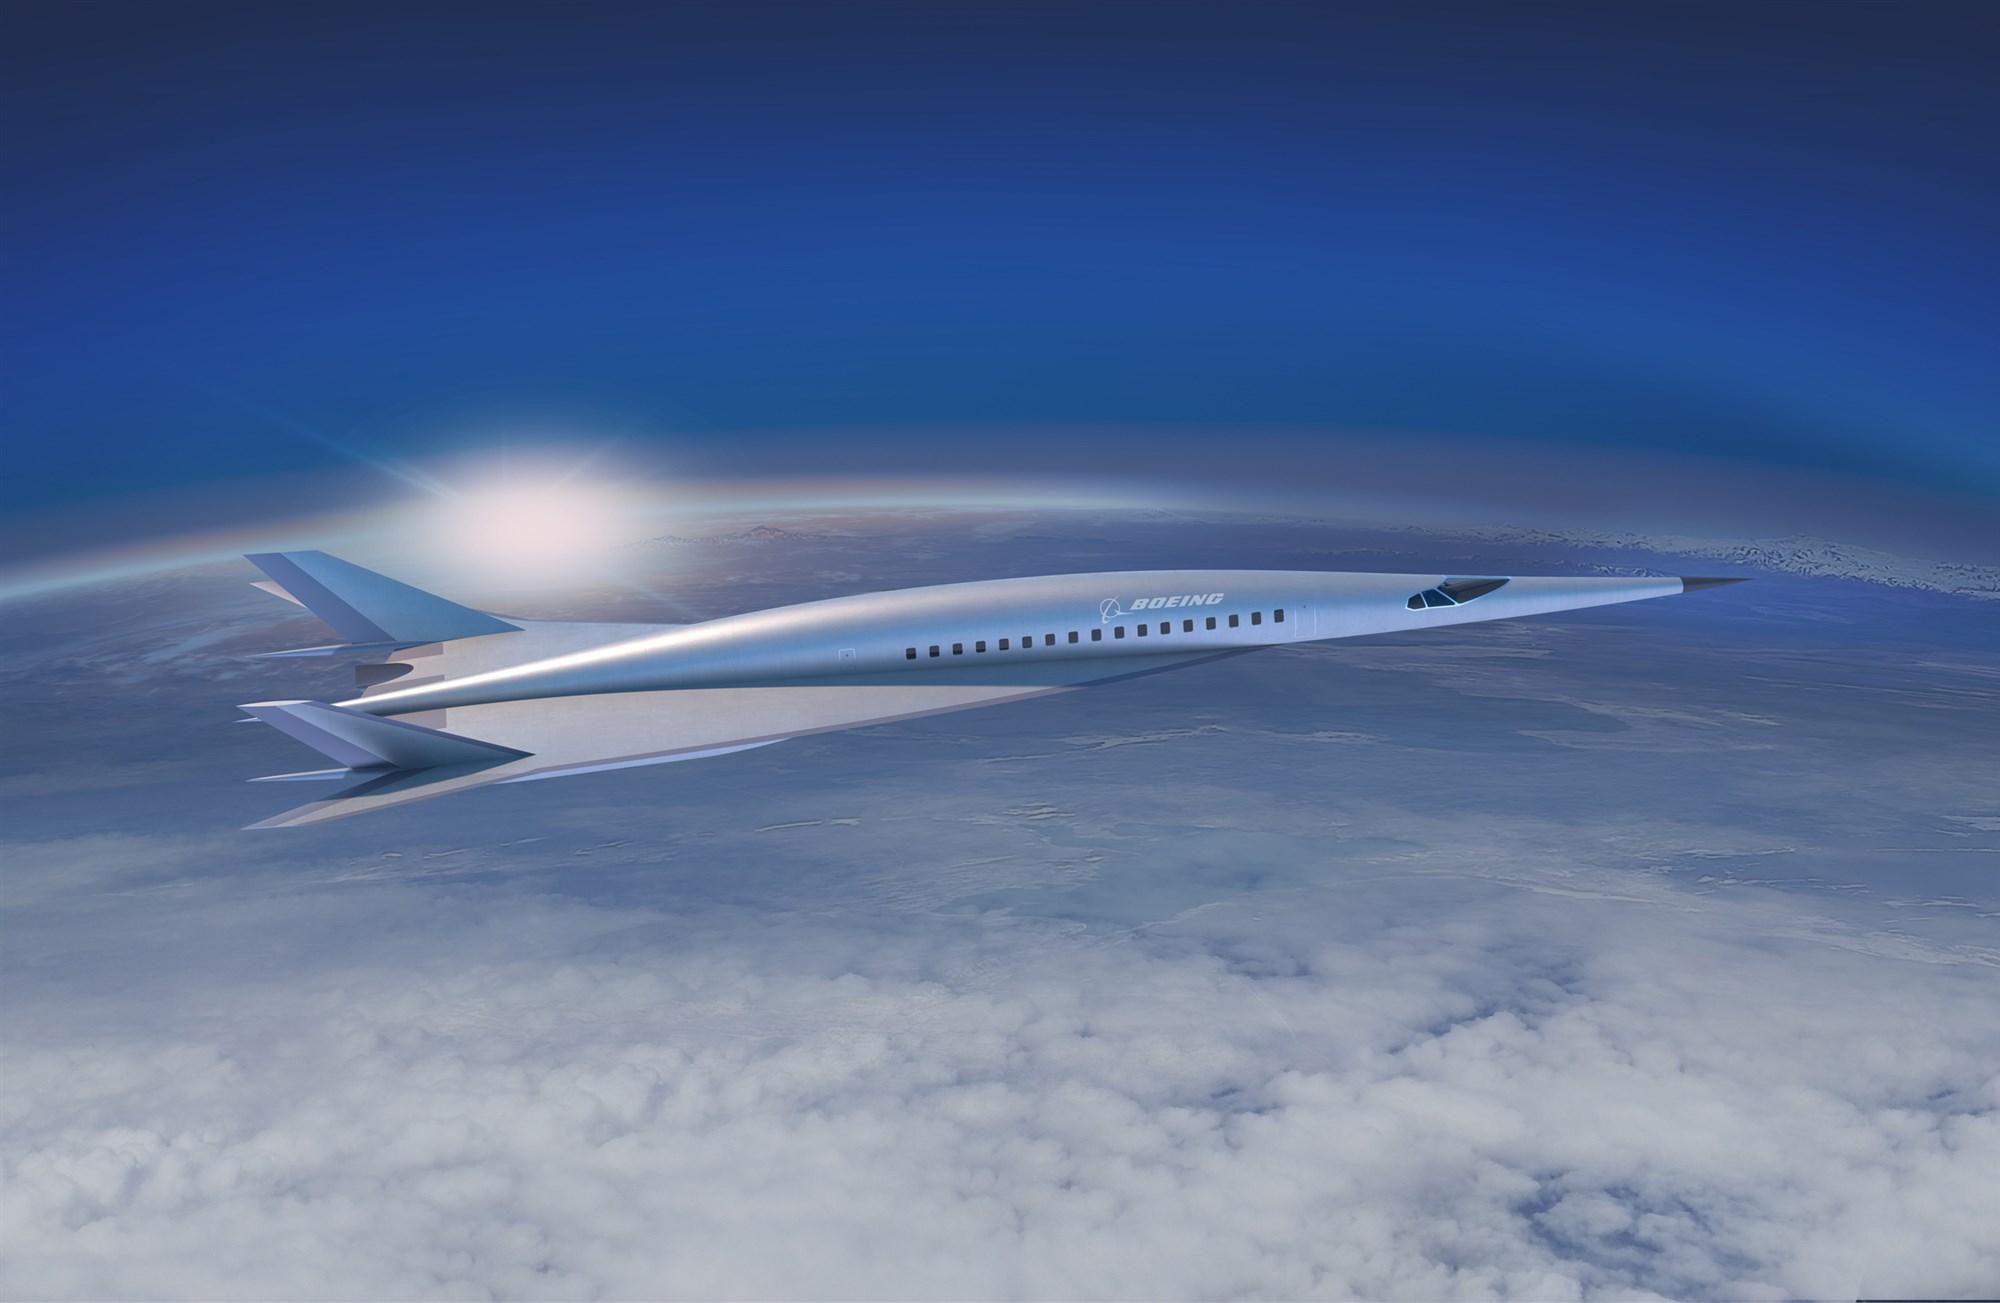 BoeingHypersonic_1530323437582.jpg